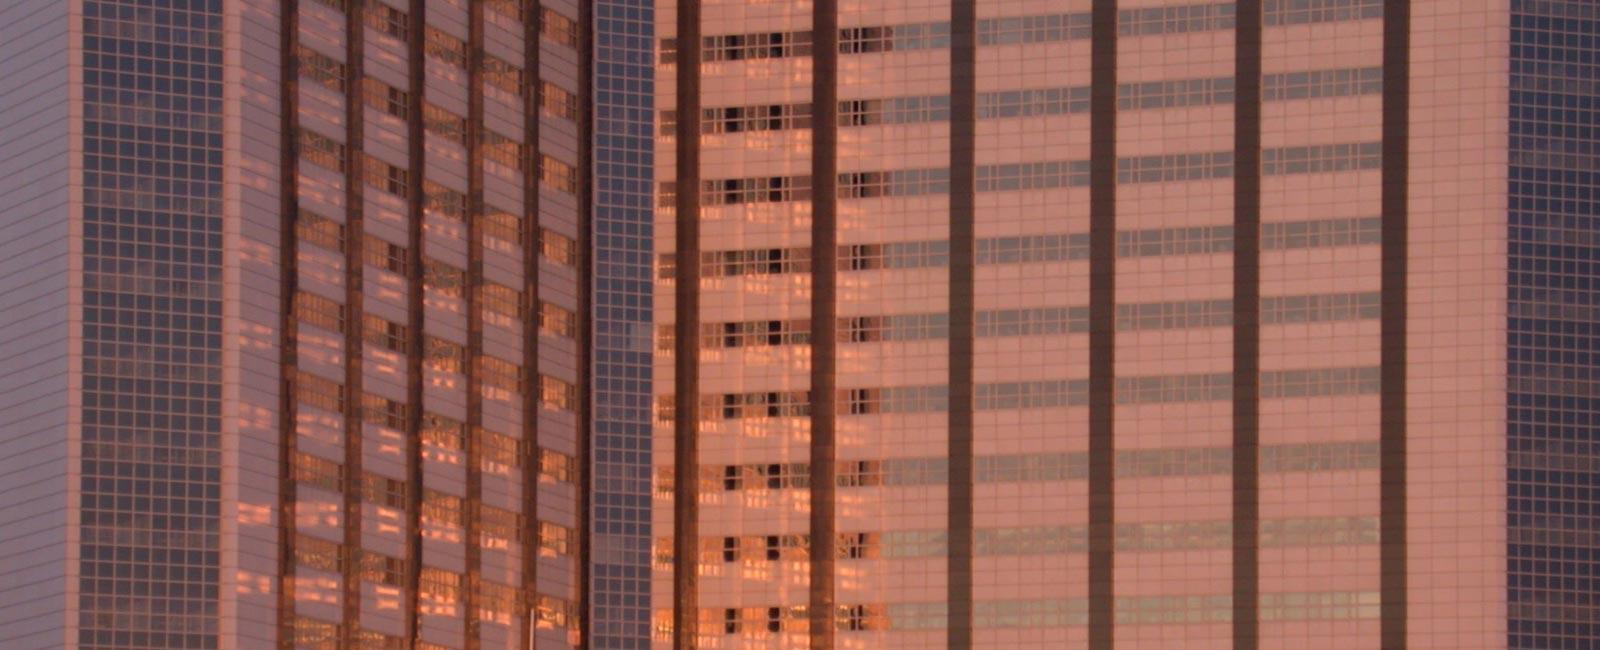 Homepage agenzia immobiliare cannav for Iva agenzia immobiliare